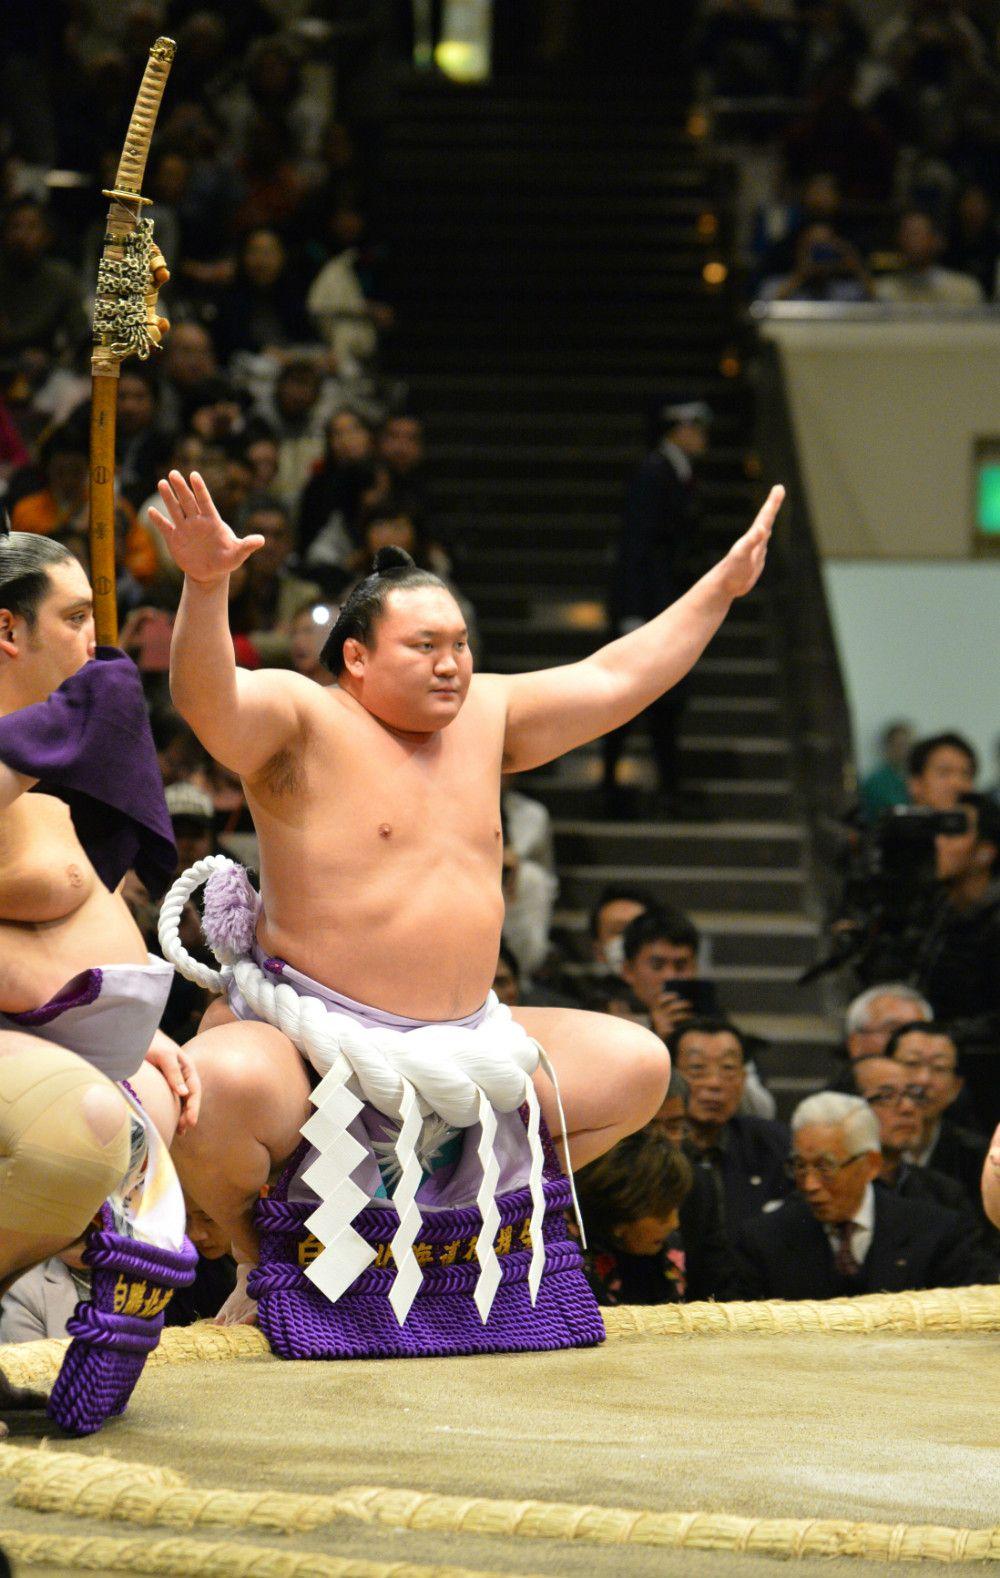 大相撲 平成30年初場所 2日目の白鵬 ©志水隆/文藝春秋